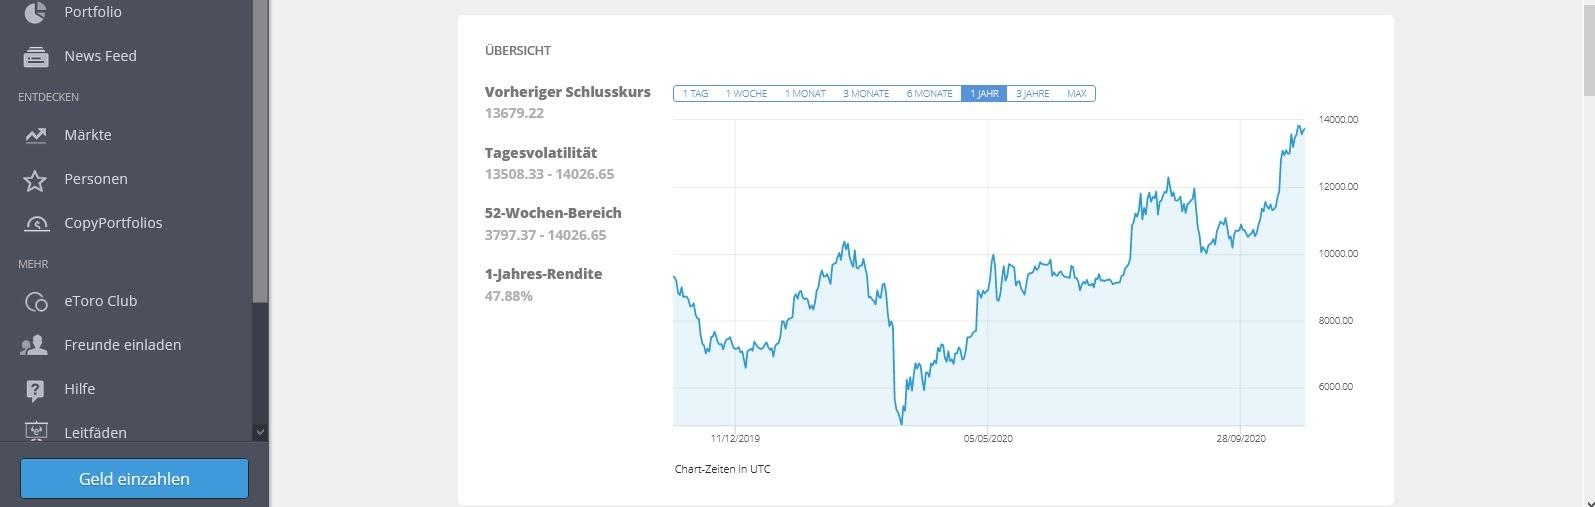 Цена биткойнов за год: обзор